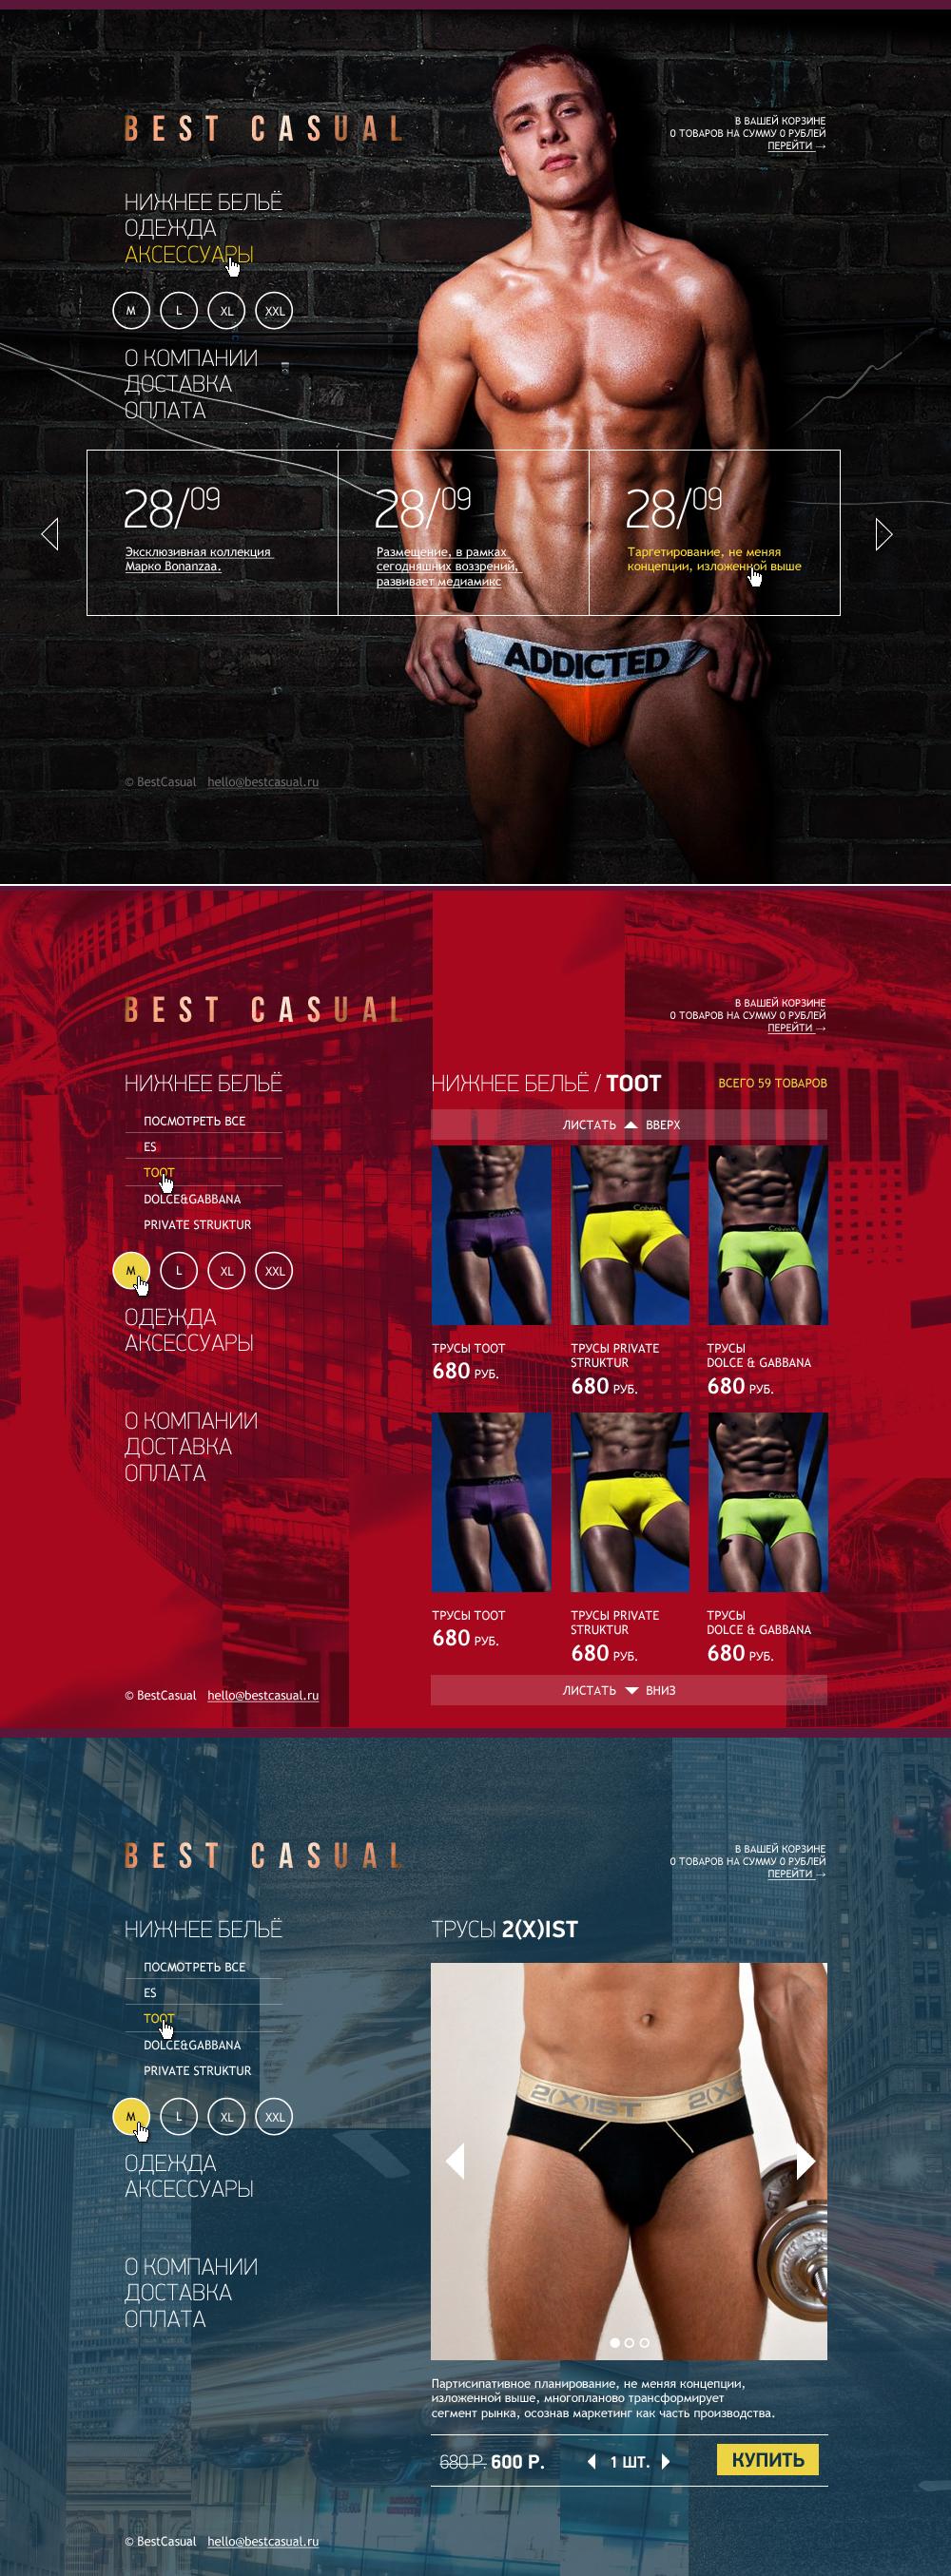 BestCasual - интернет-магазин нижнего белья